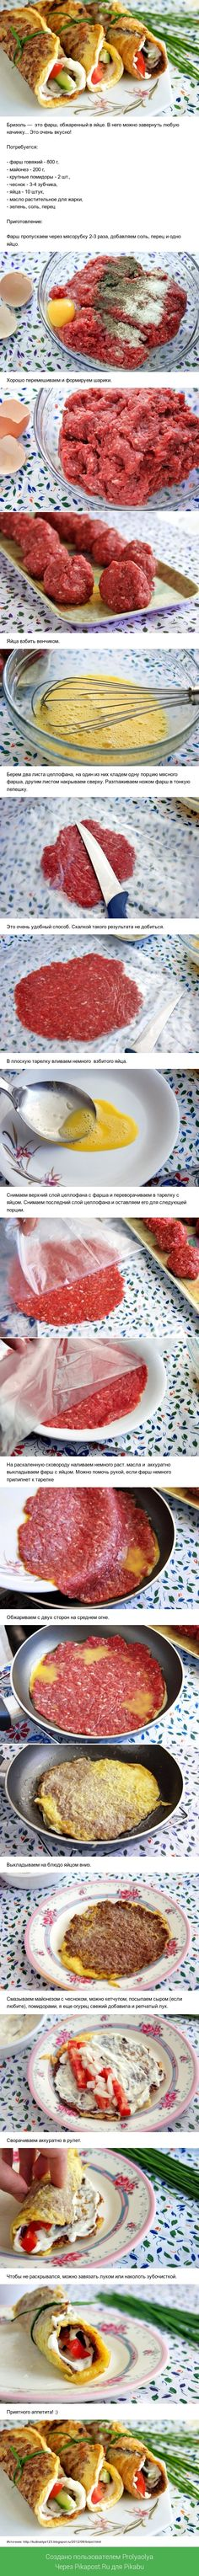 Бризоль. Осторожно, вкусный длиннопост! :) Приятного аппетита! :) еда, кулинария, рецепт, фарш, вкусно, длиннопост